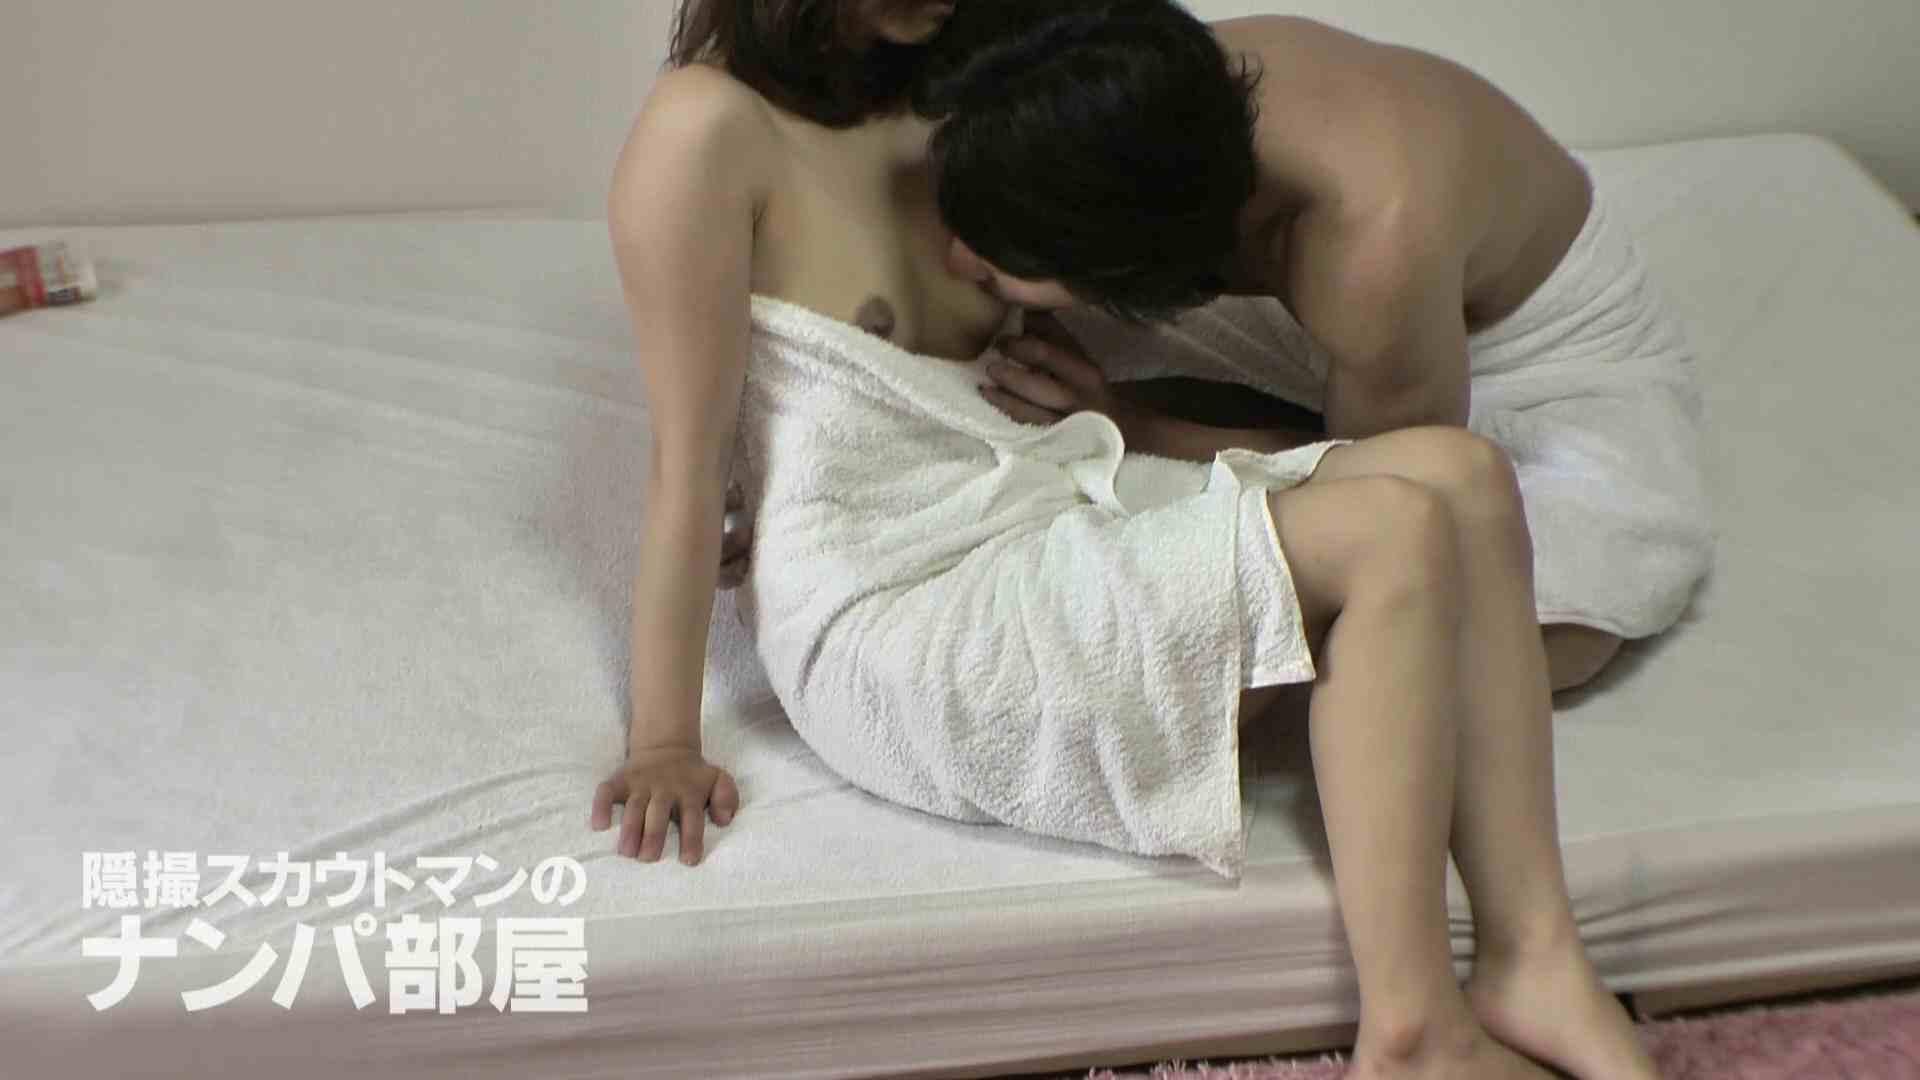 隠撮スカウトマンのナンパ部屋~風俗デビュー前のつまみ食い~ sii 隠撮  84連発 56